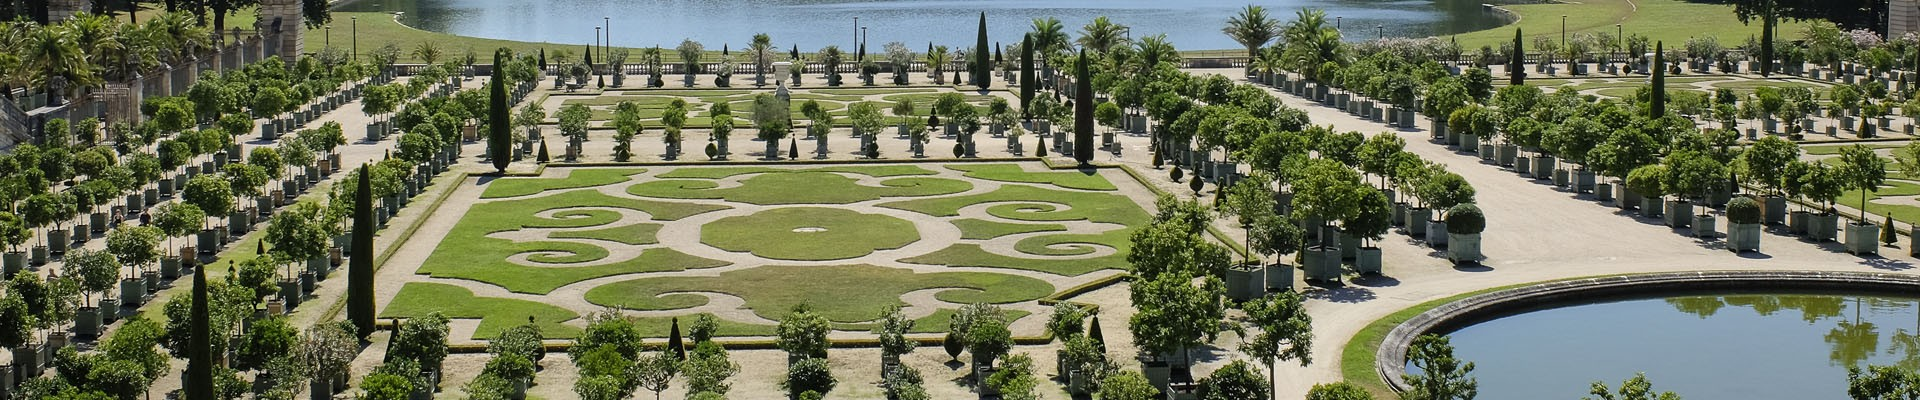 parc-et-jardins-131